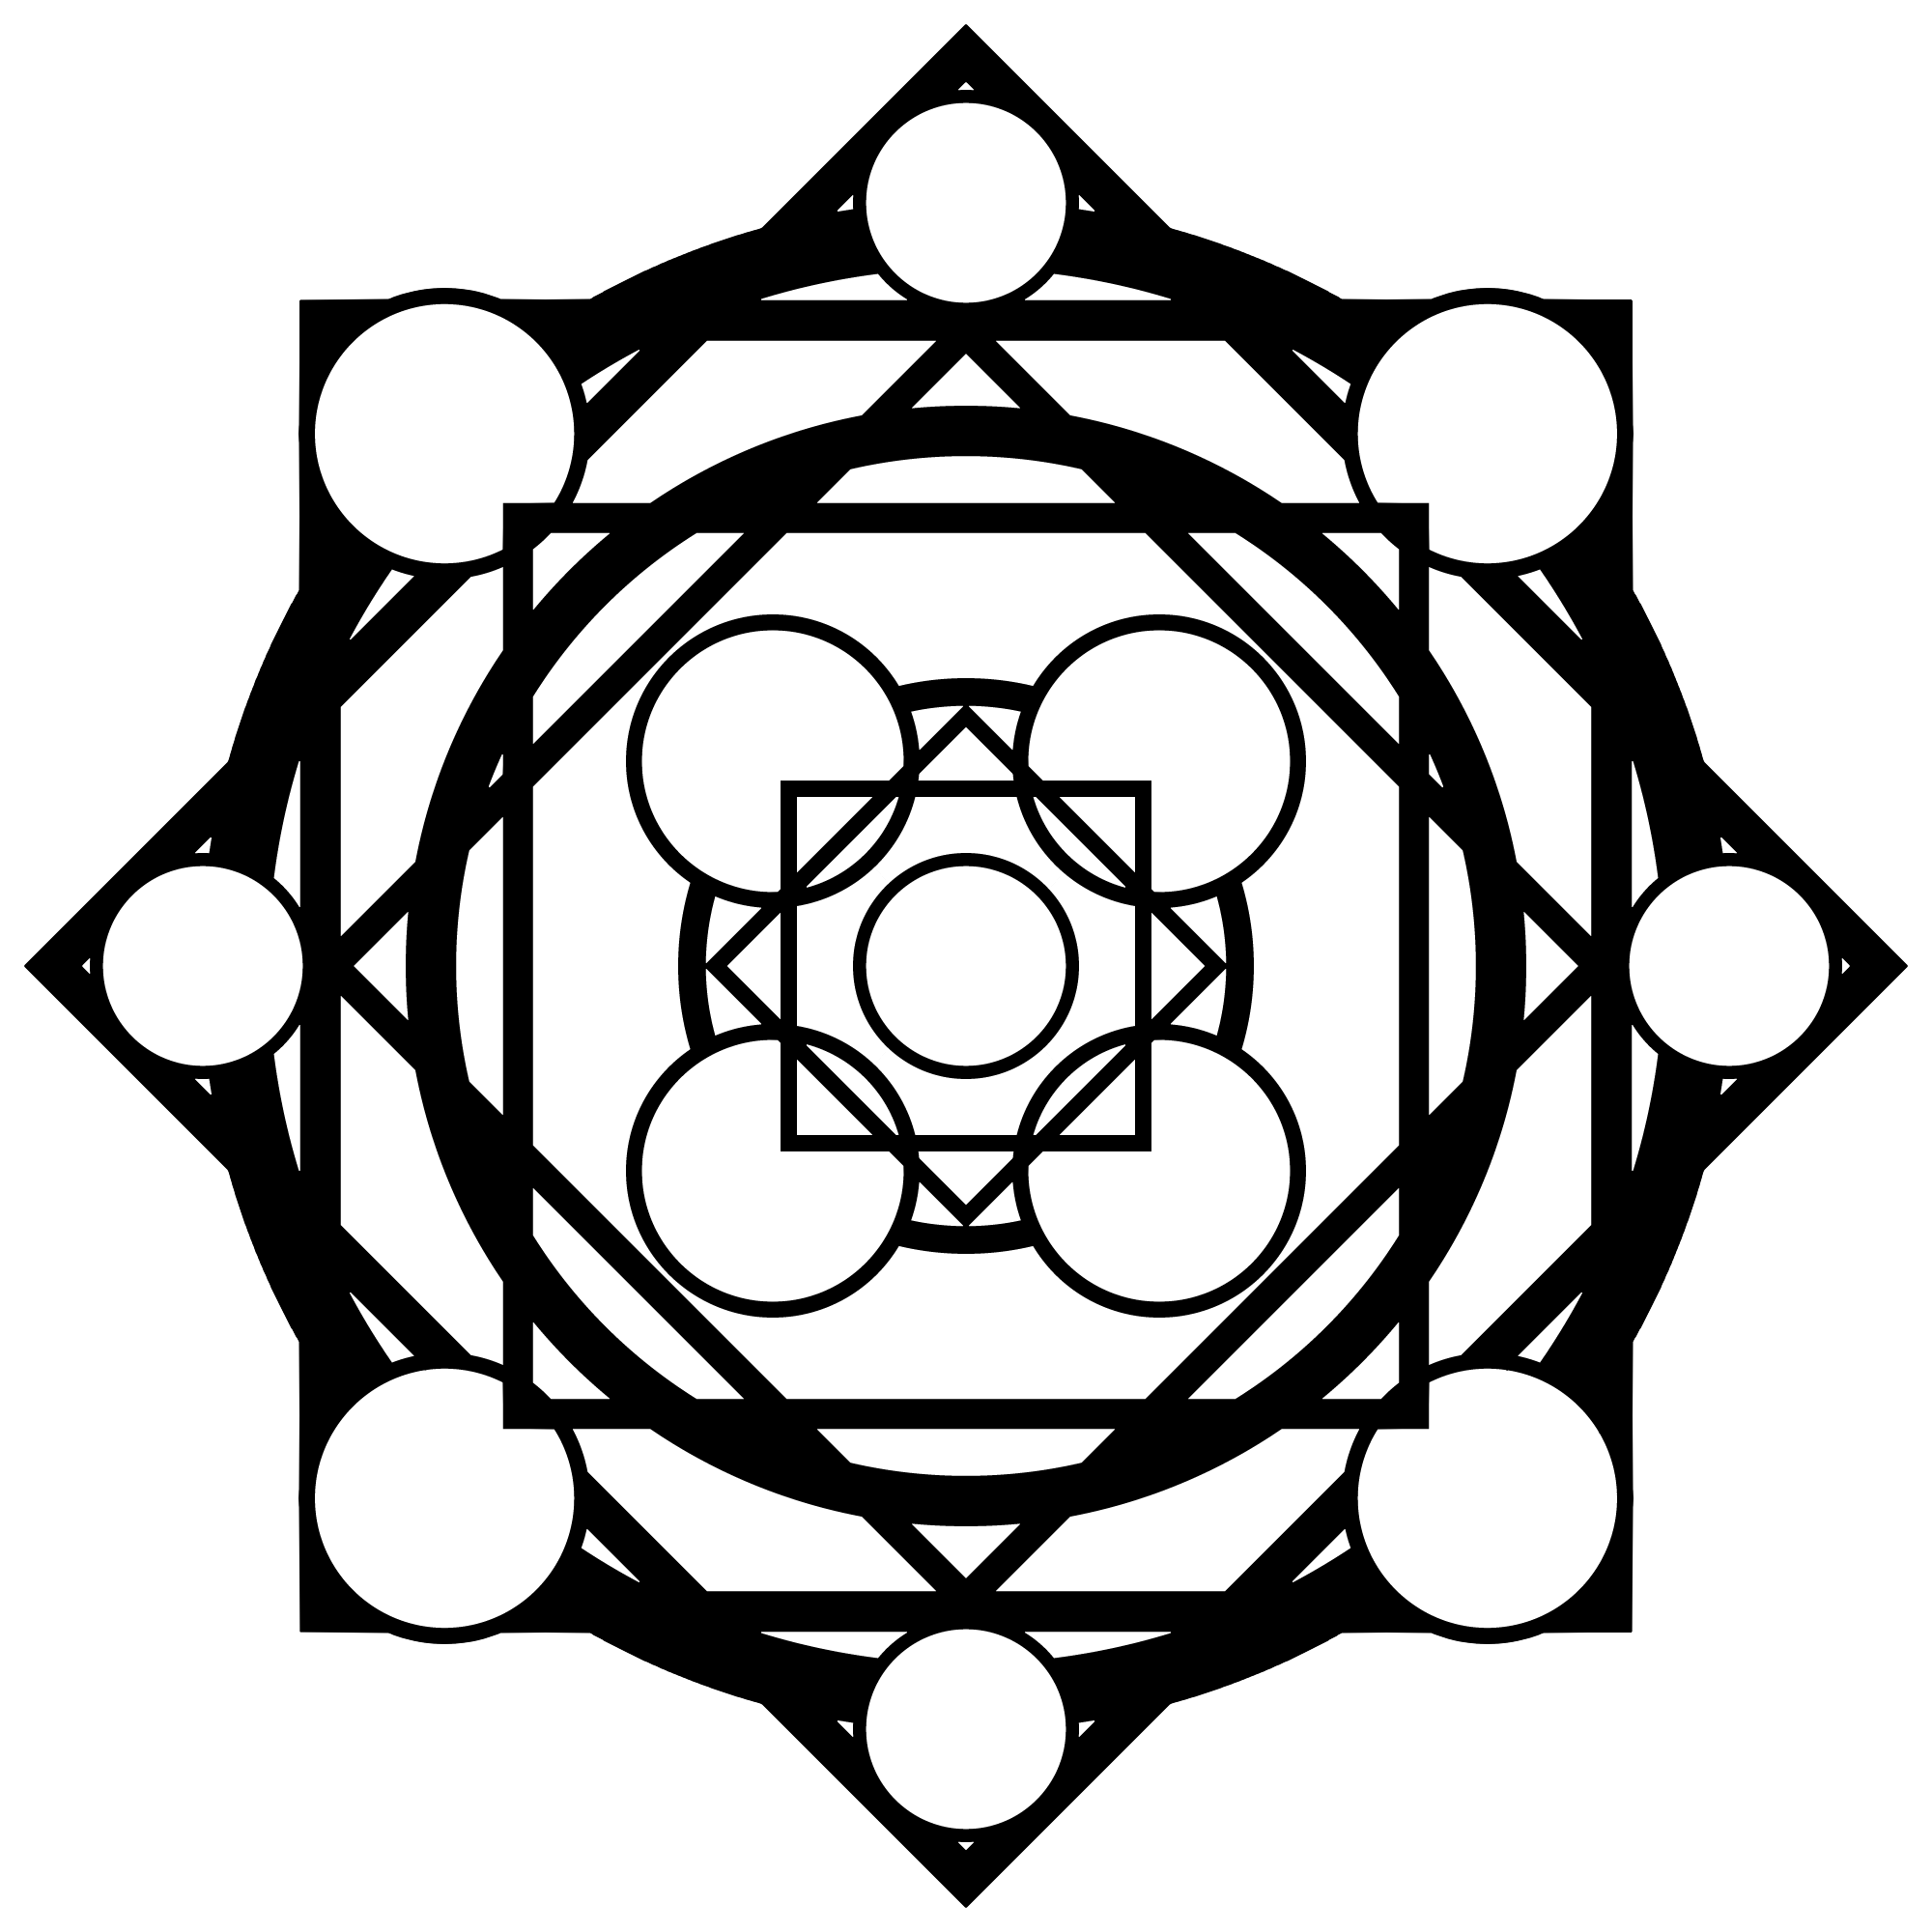 エフェクト 魔法陣 複数パターン 七三ゆきのアトリエ